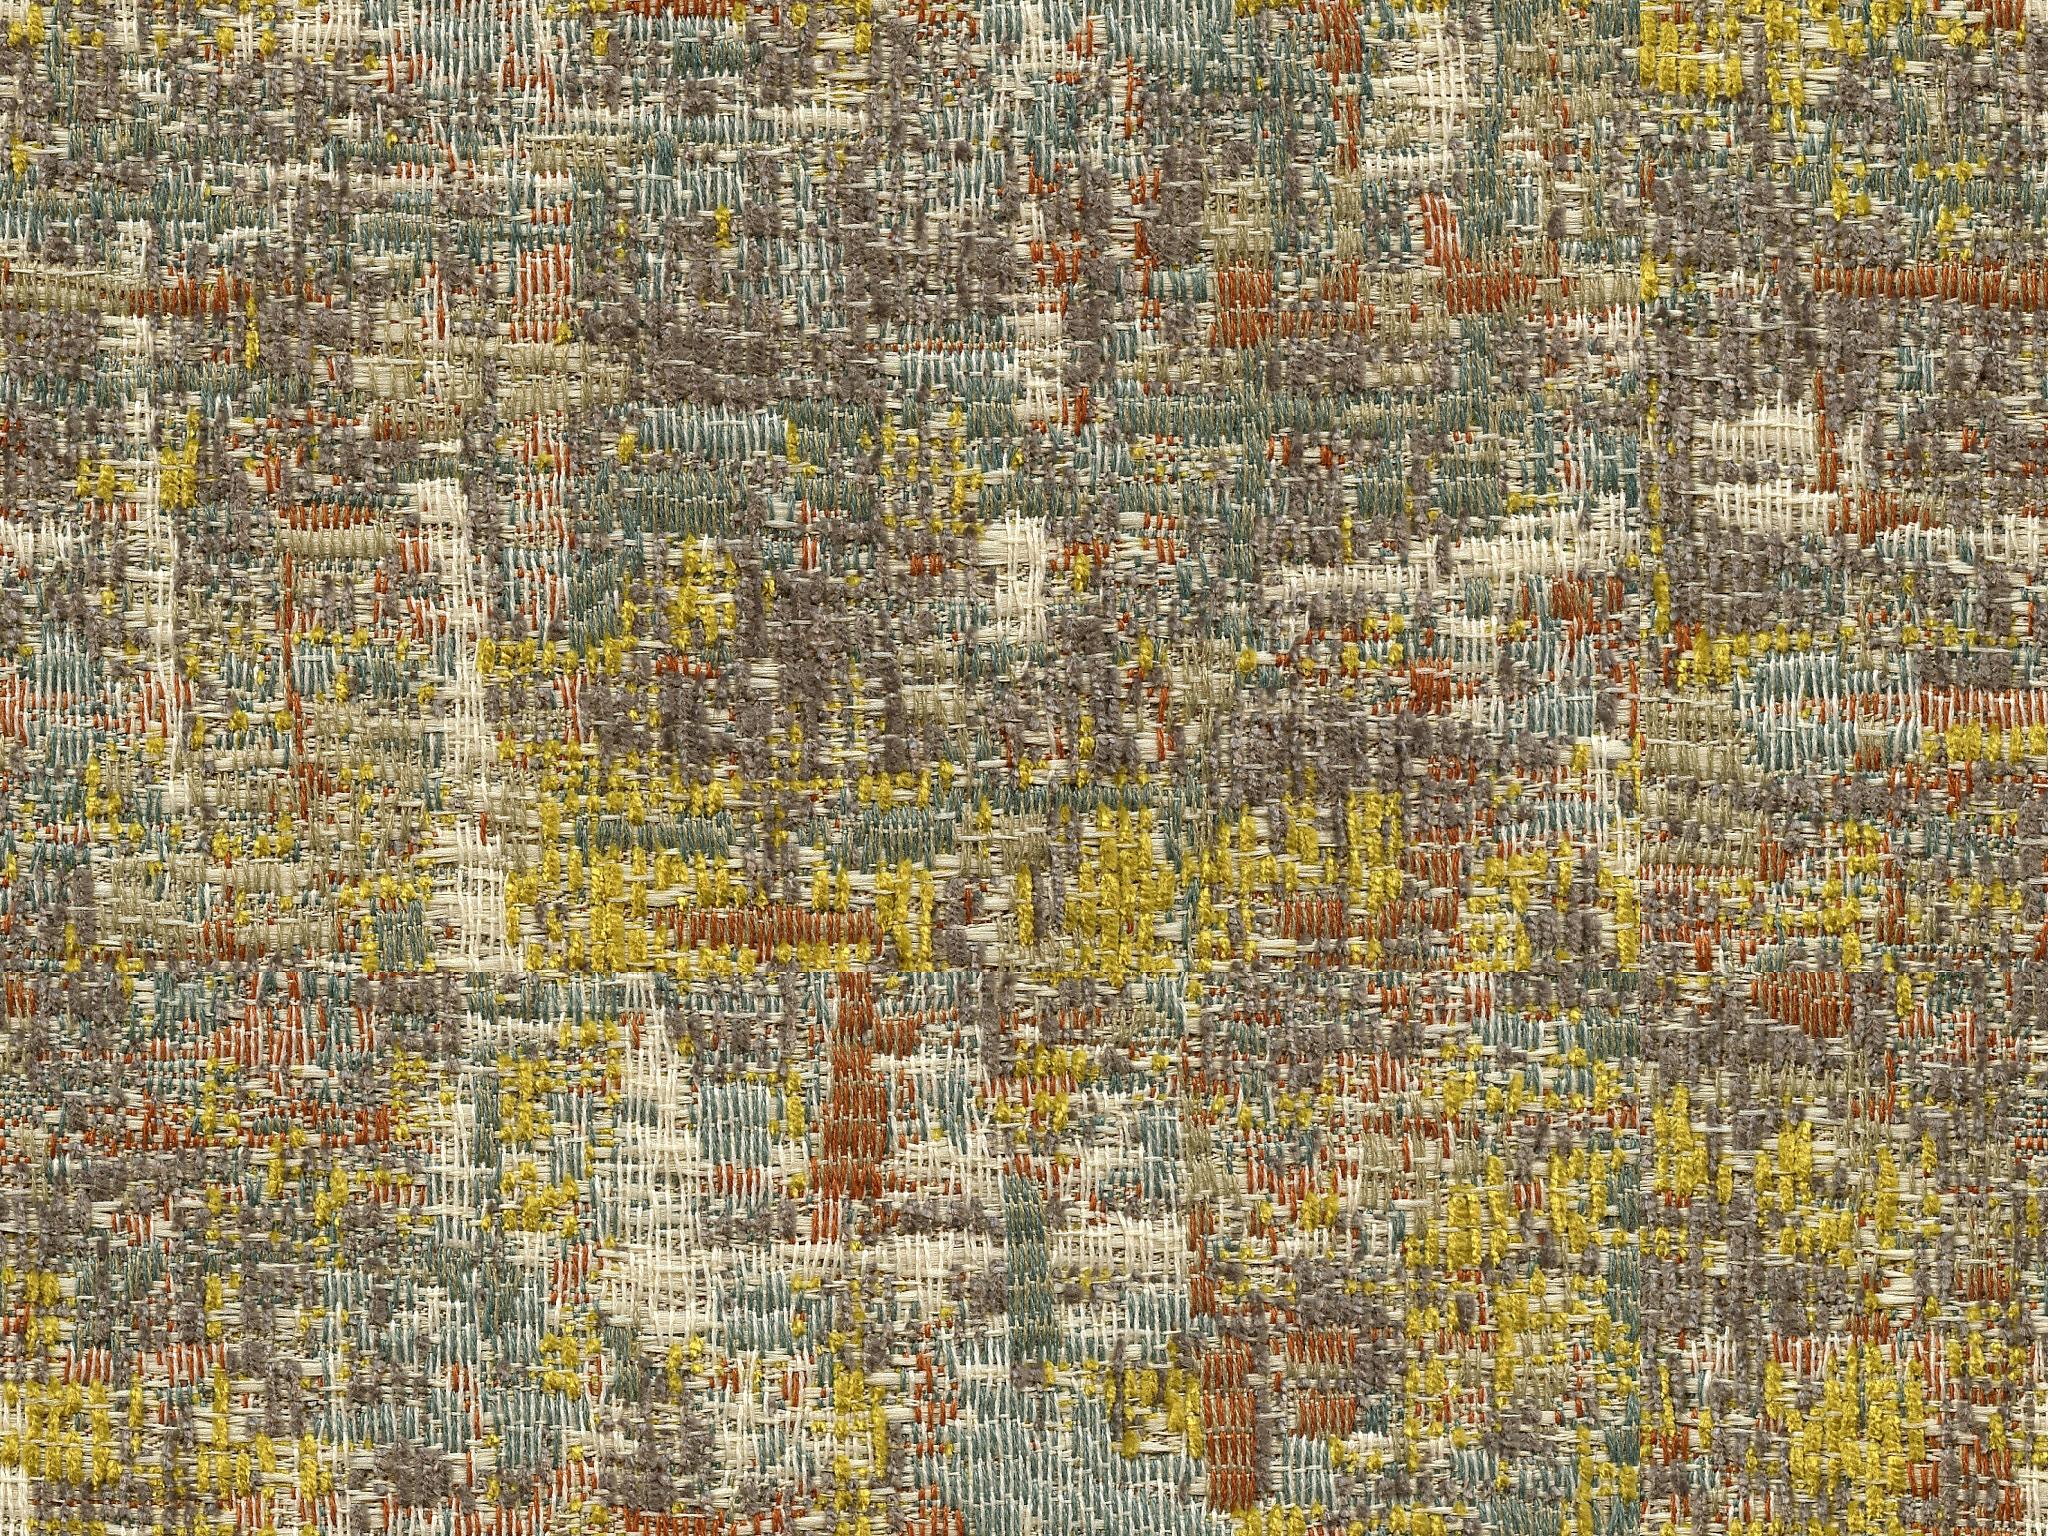 la z boy lift chair error codes cheap cushions england 8106 dante seaglass hansens furniture modesto